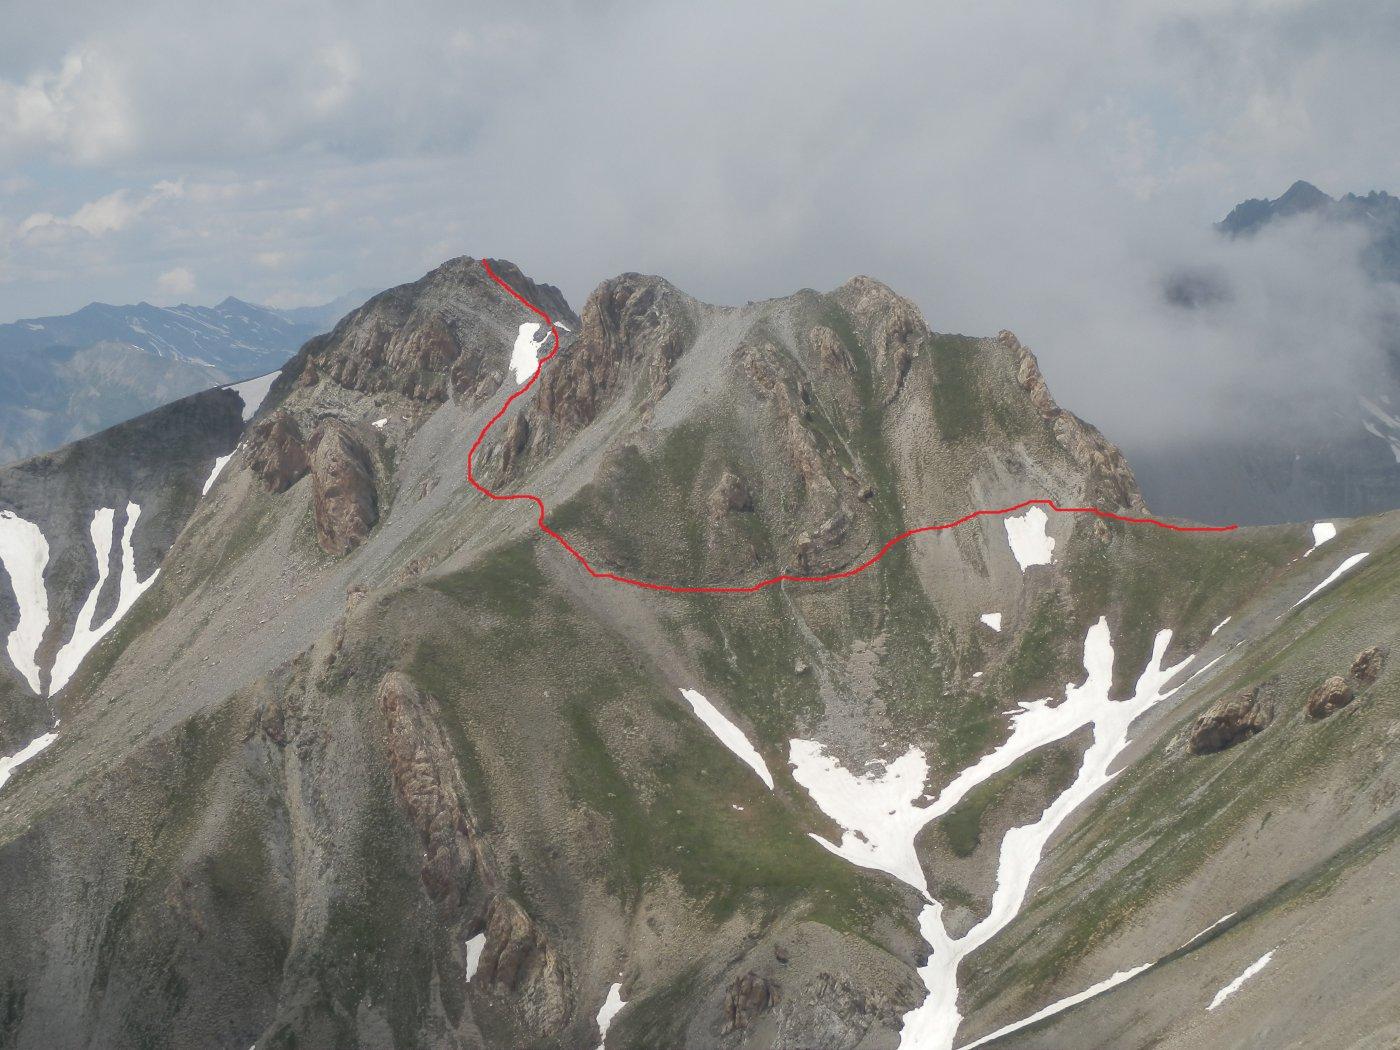 vista del Monte Giordano dalla dorsale che scende dal Bodoira al C.lle Vallonetto; in rosso il tracciato di discesa al colle